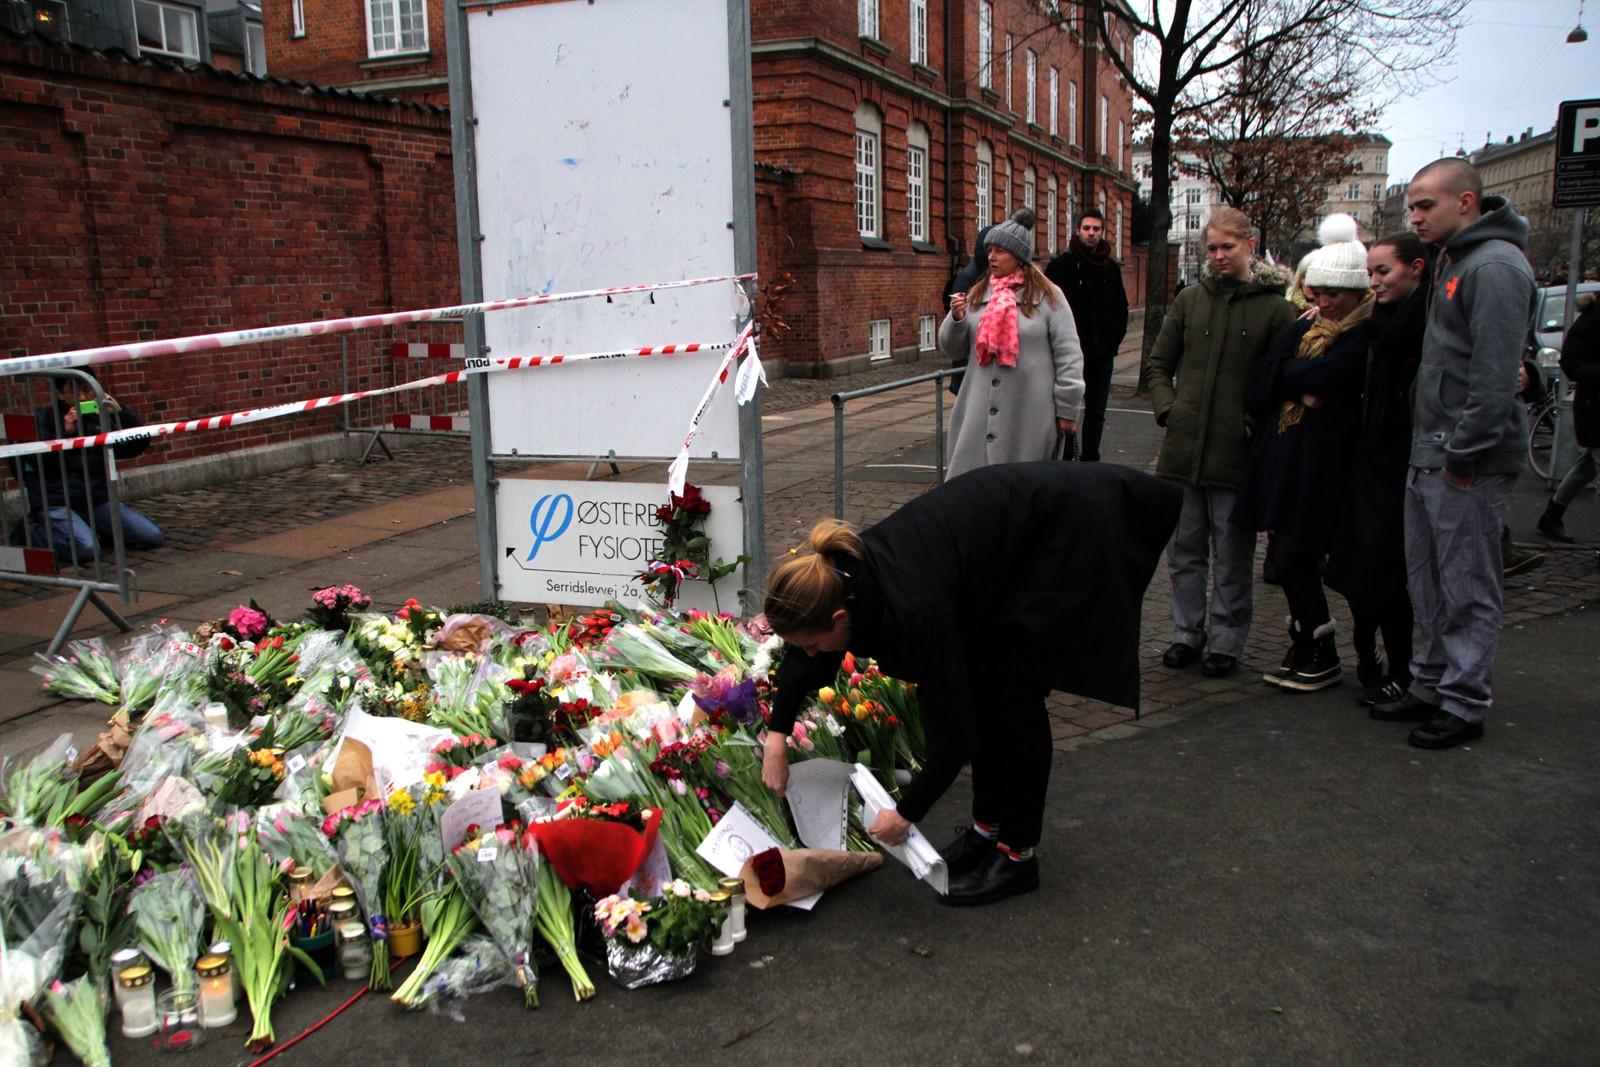 En sørgmodig stemning preger stedene, og folk holder rundt hverandre og legger ned blomster foran Krudttønden i København.